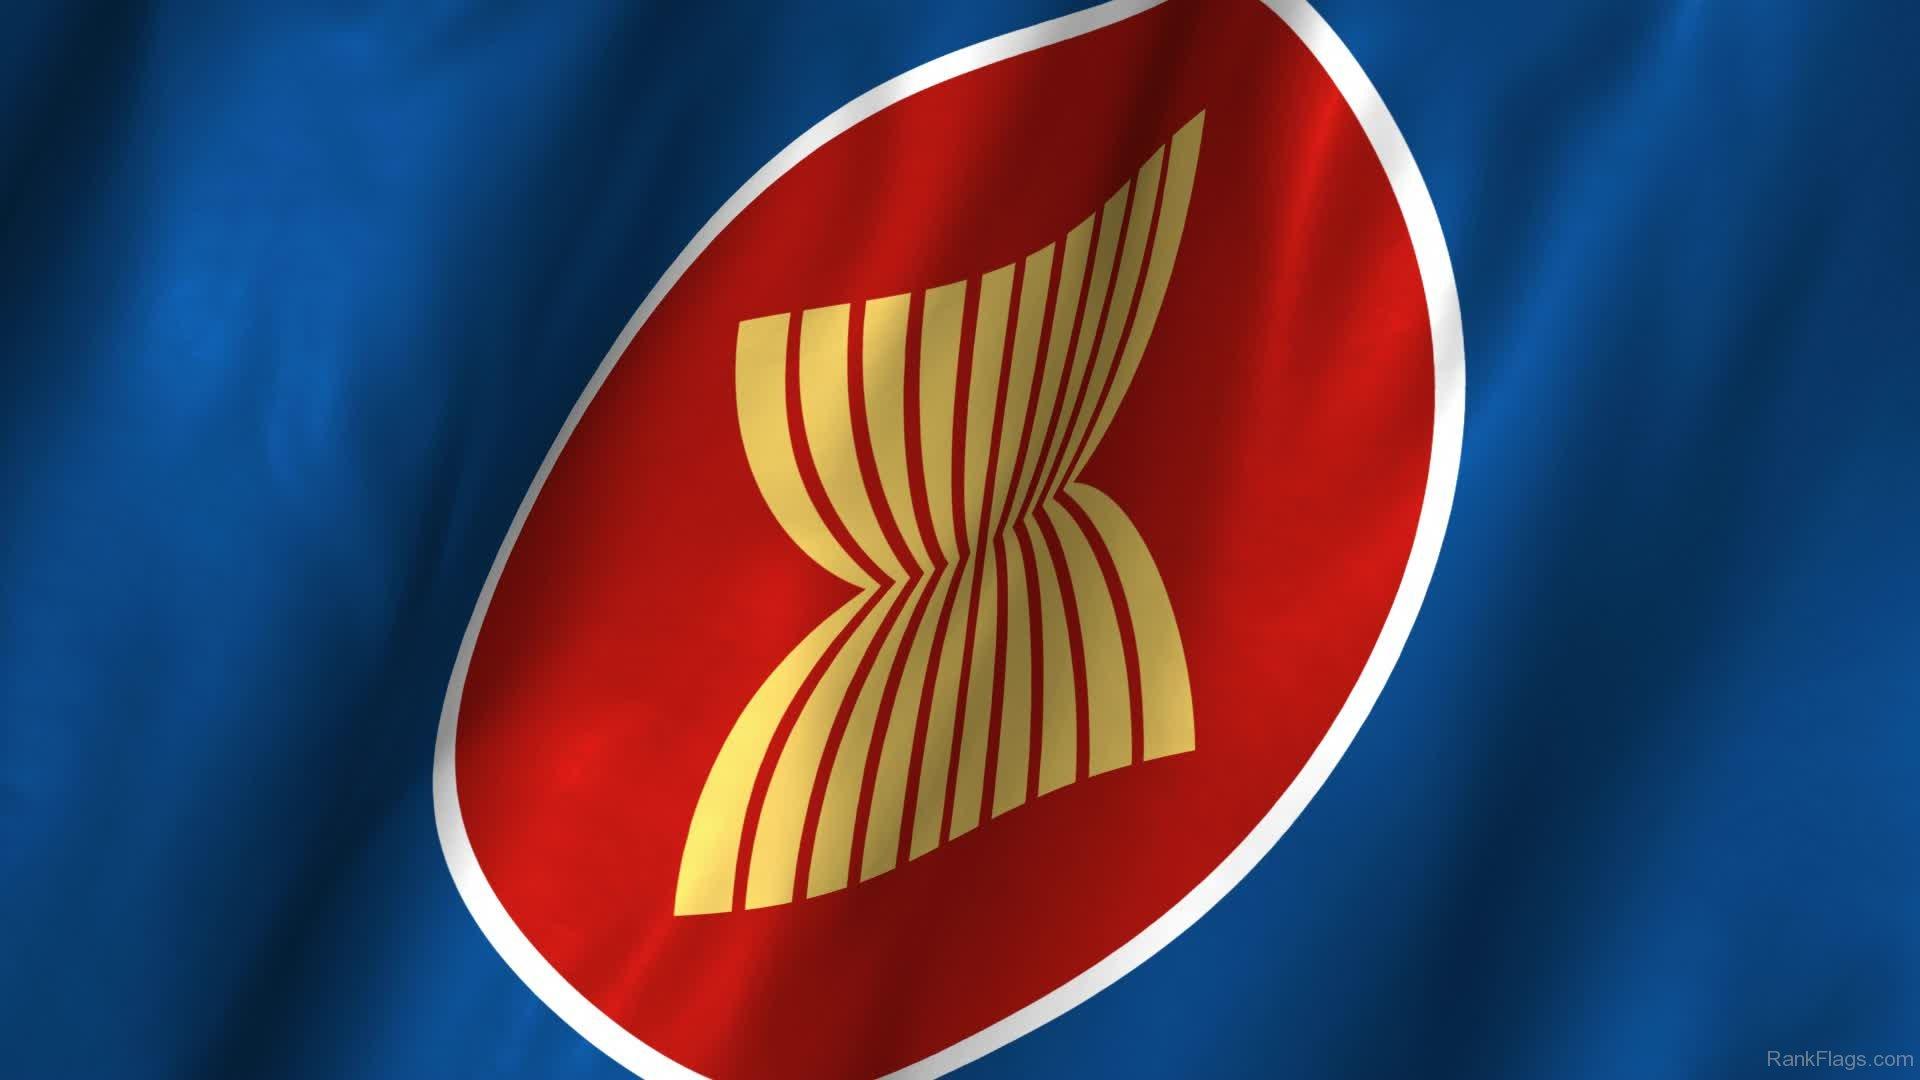 Главы МИД Индонезии и Камбоджи намерены укреплять центральную роль АСЕАН